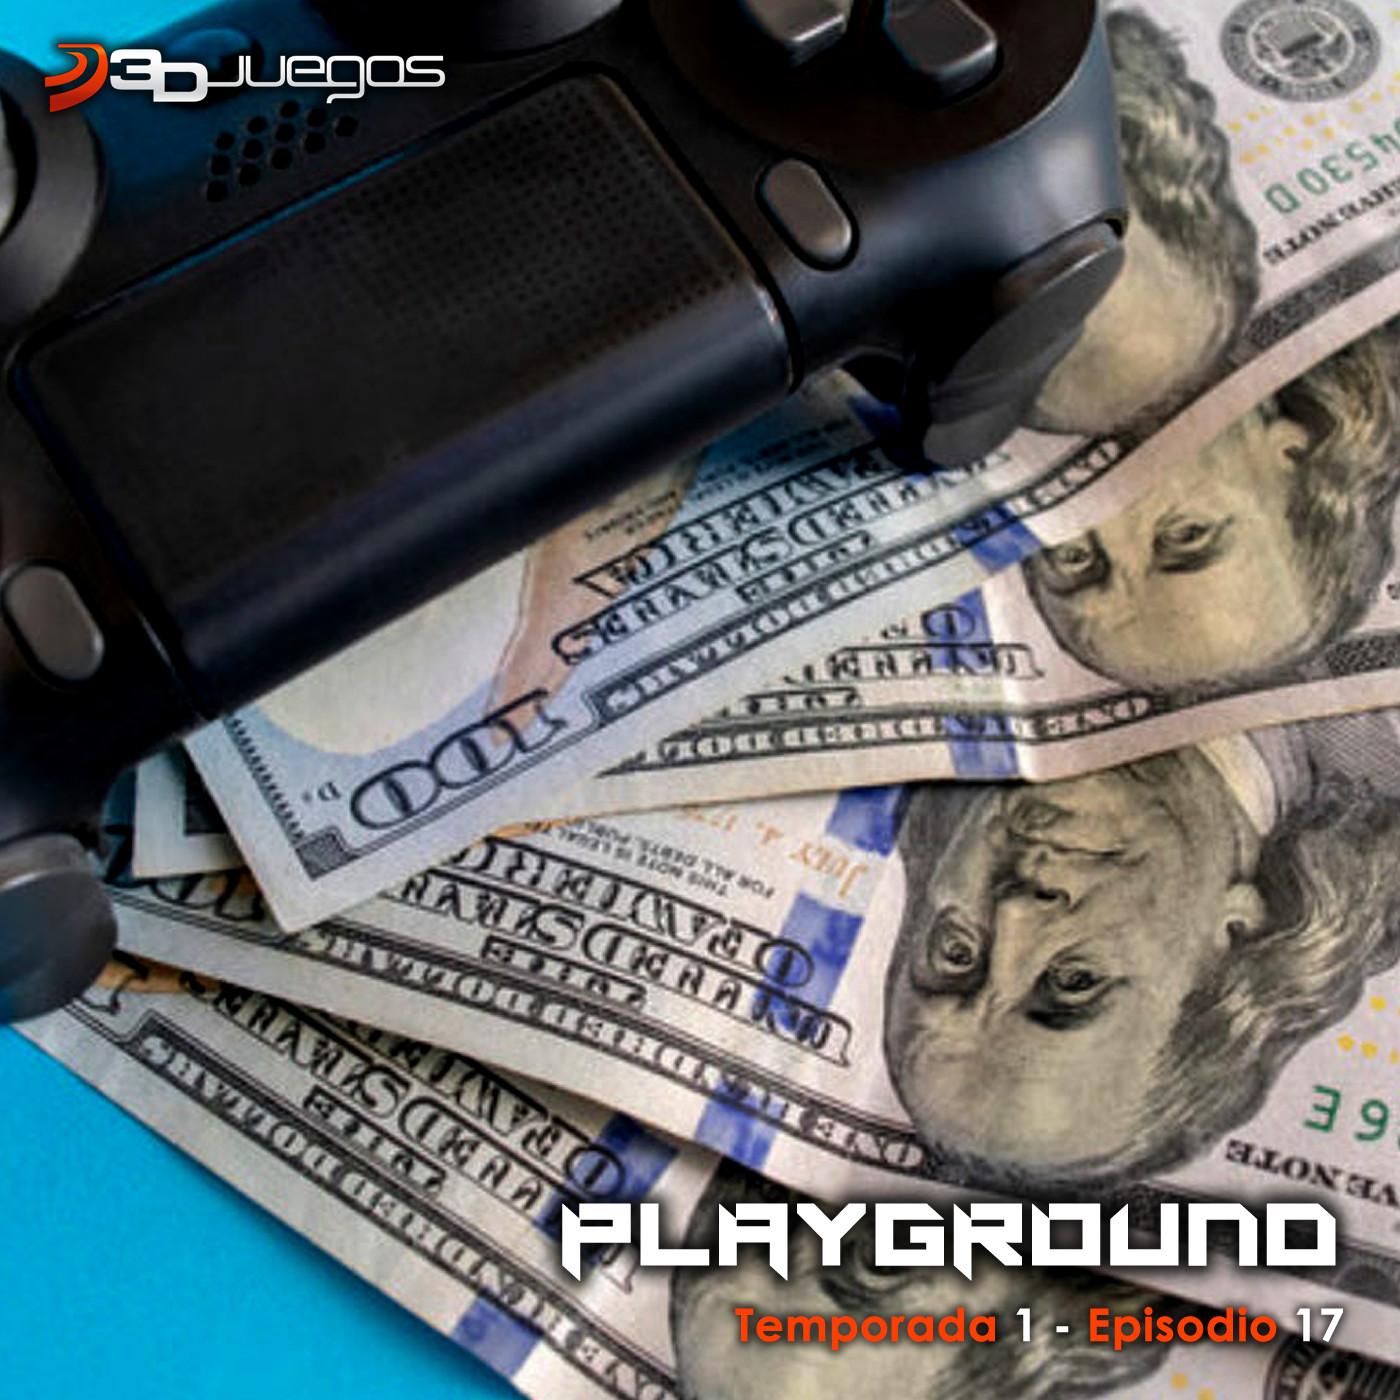 Playground Episodio 17 - ¿Serán más caros los juegos de la nueva generación?